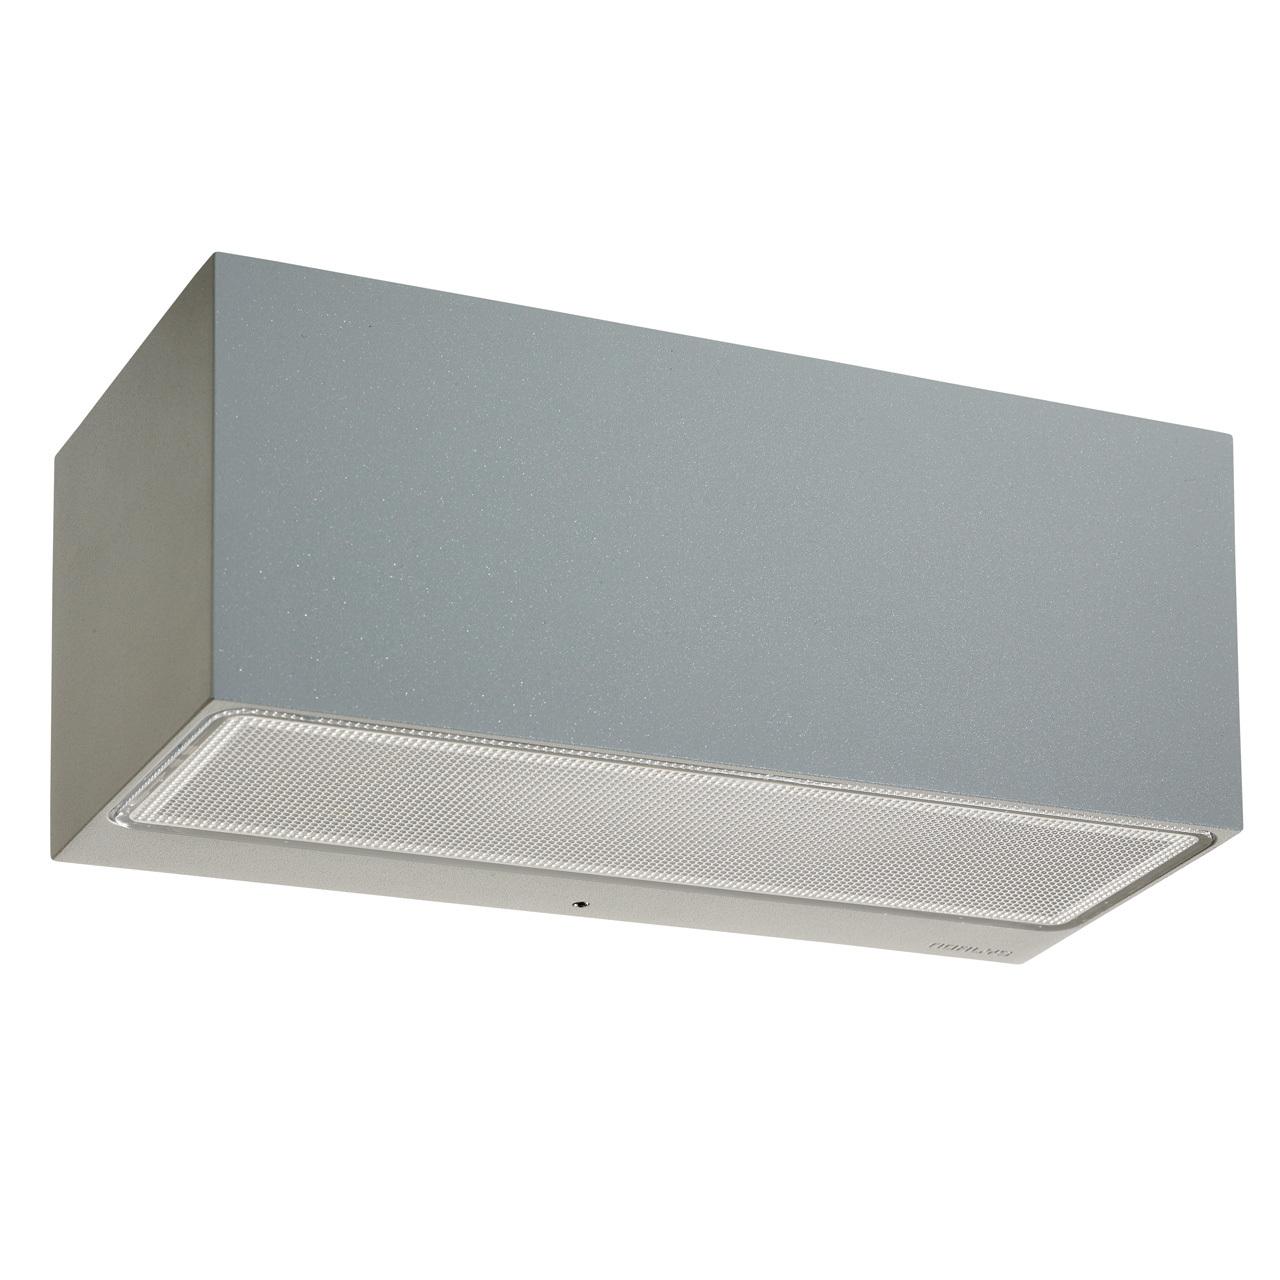 Lampa ścienna ASKER LED 5102AL -Norlys  SPRAWDŹ RABATY  5-10-15-20 % w koszyku